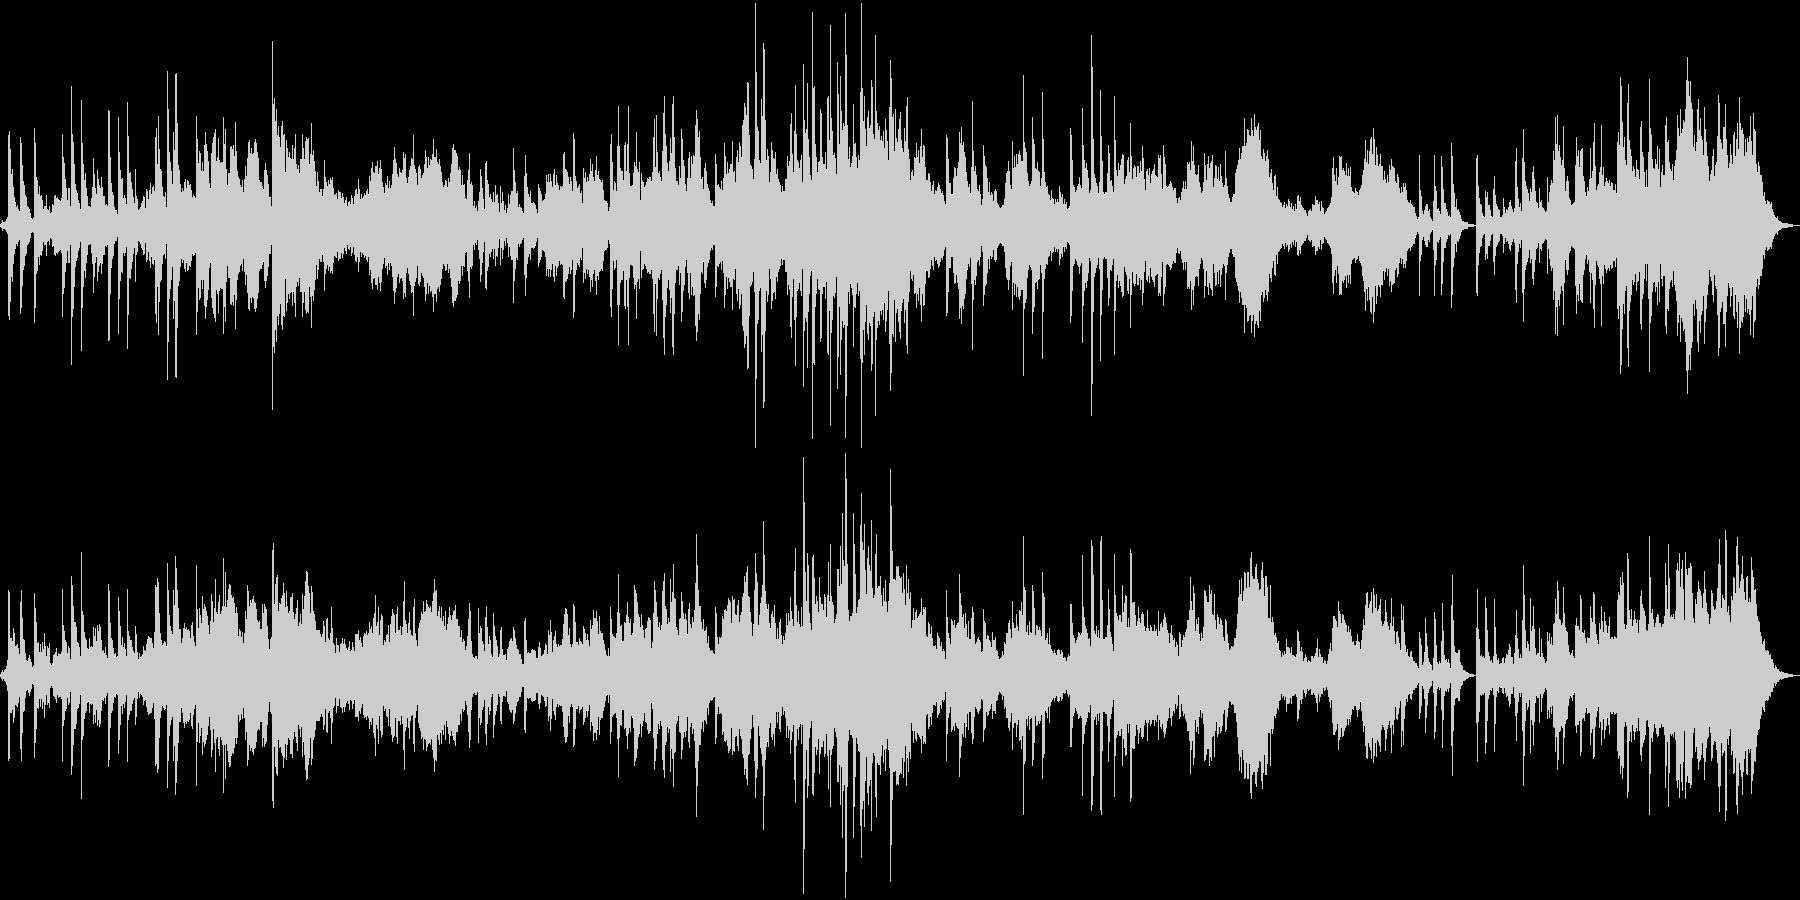 ピアノ、シンセ中心の癒し系アンビエントの未再生の波形